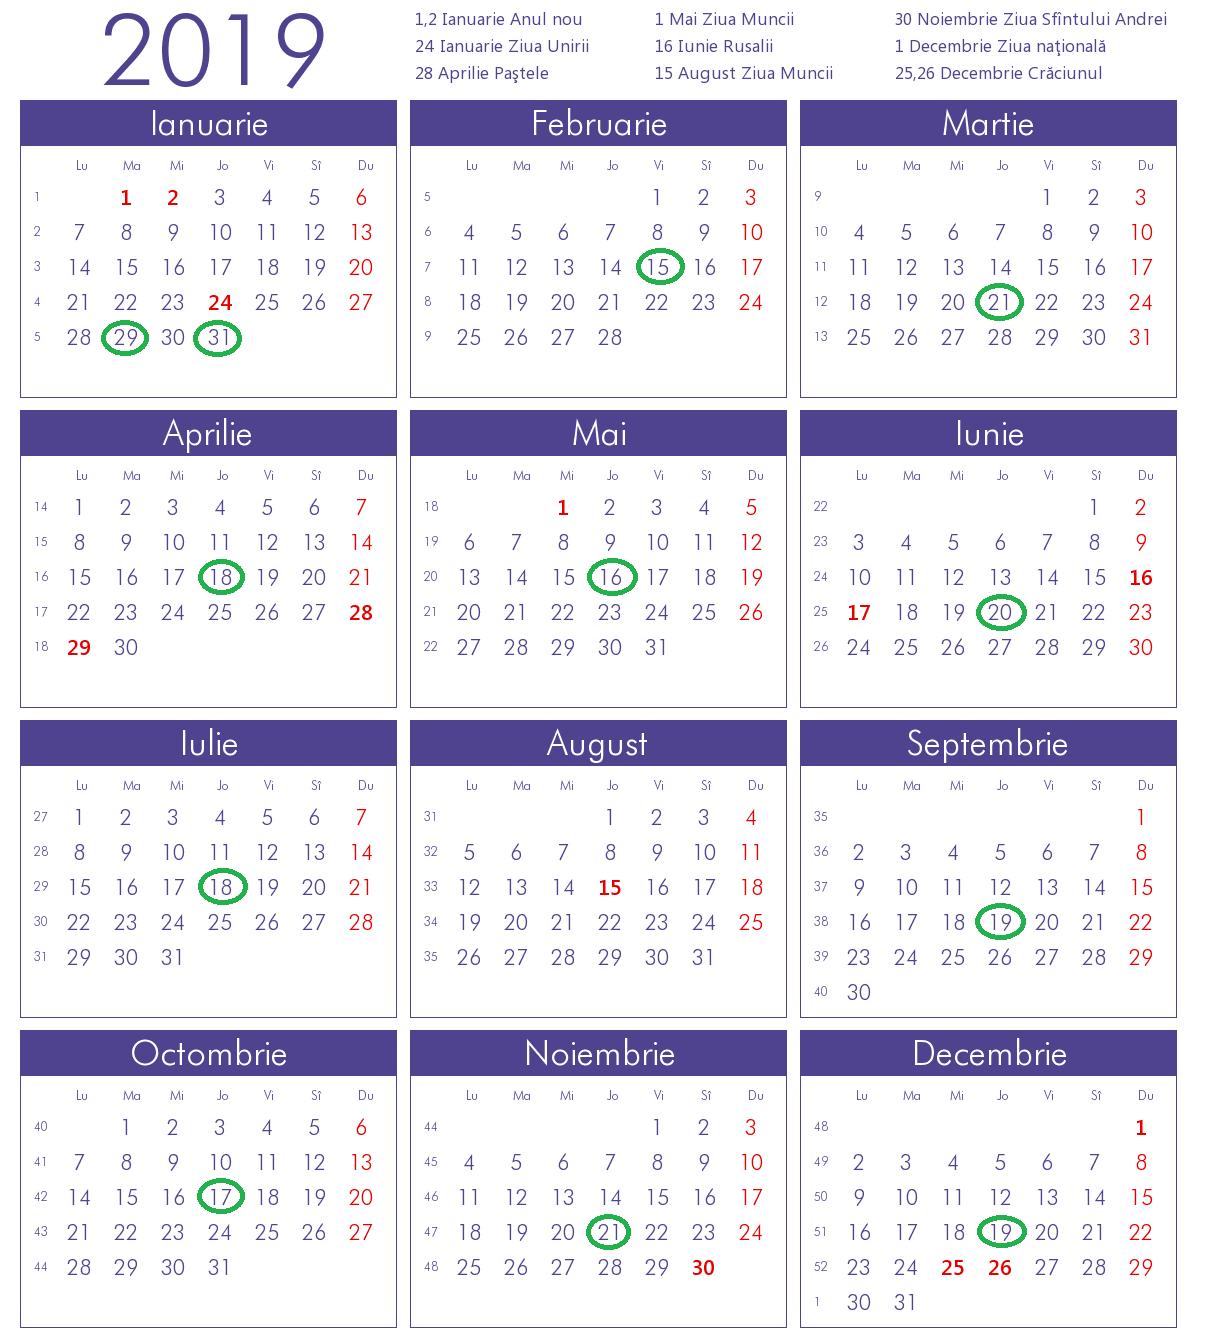 Calendarul sedintelor ordinare ale Senatului pe anul 2019